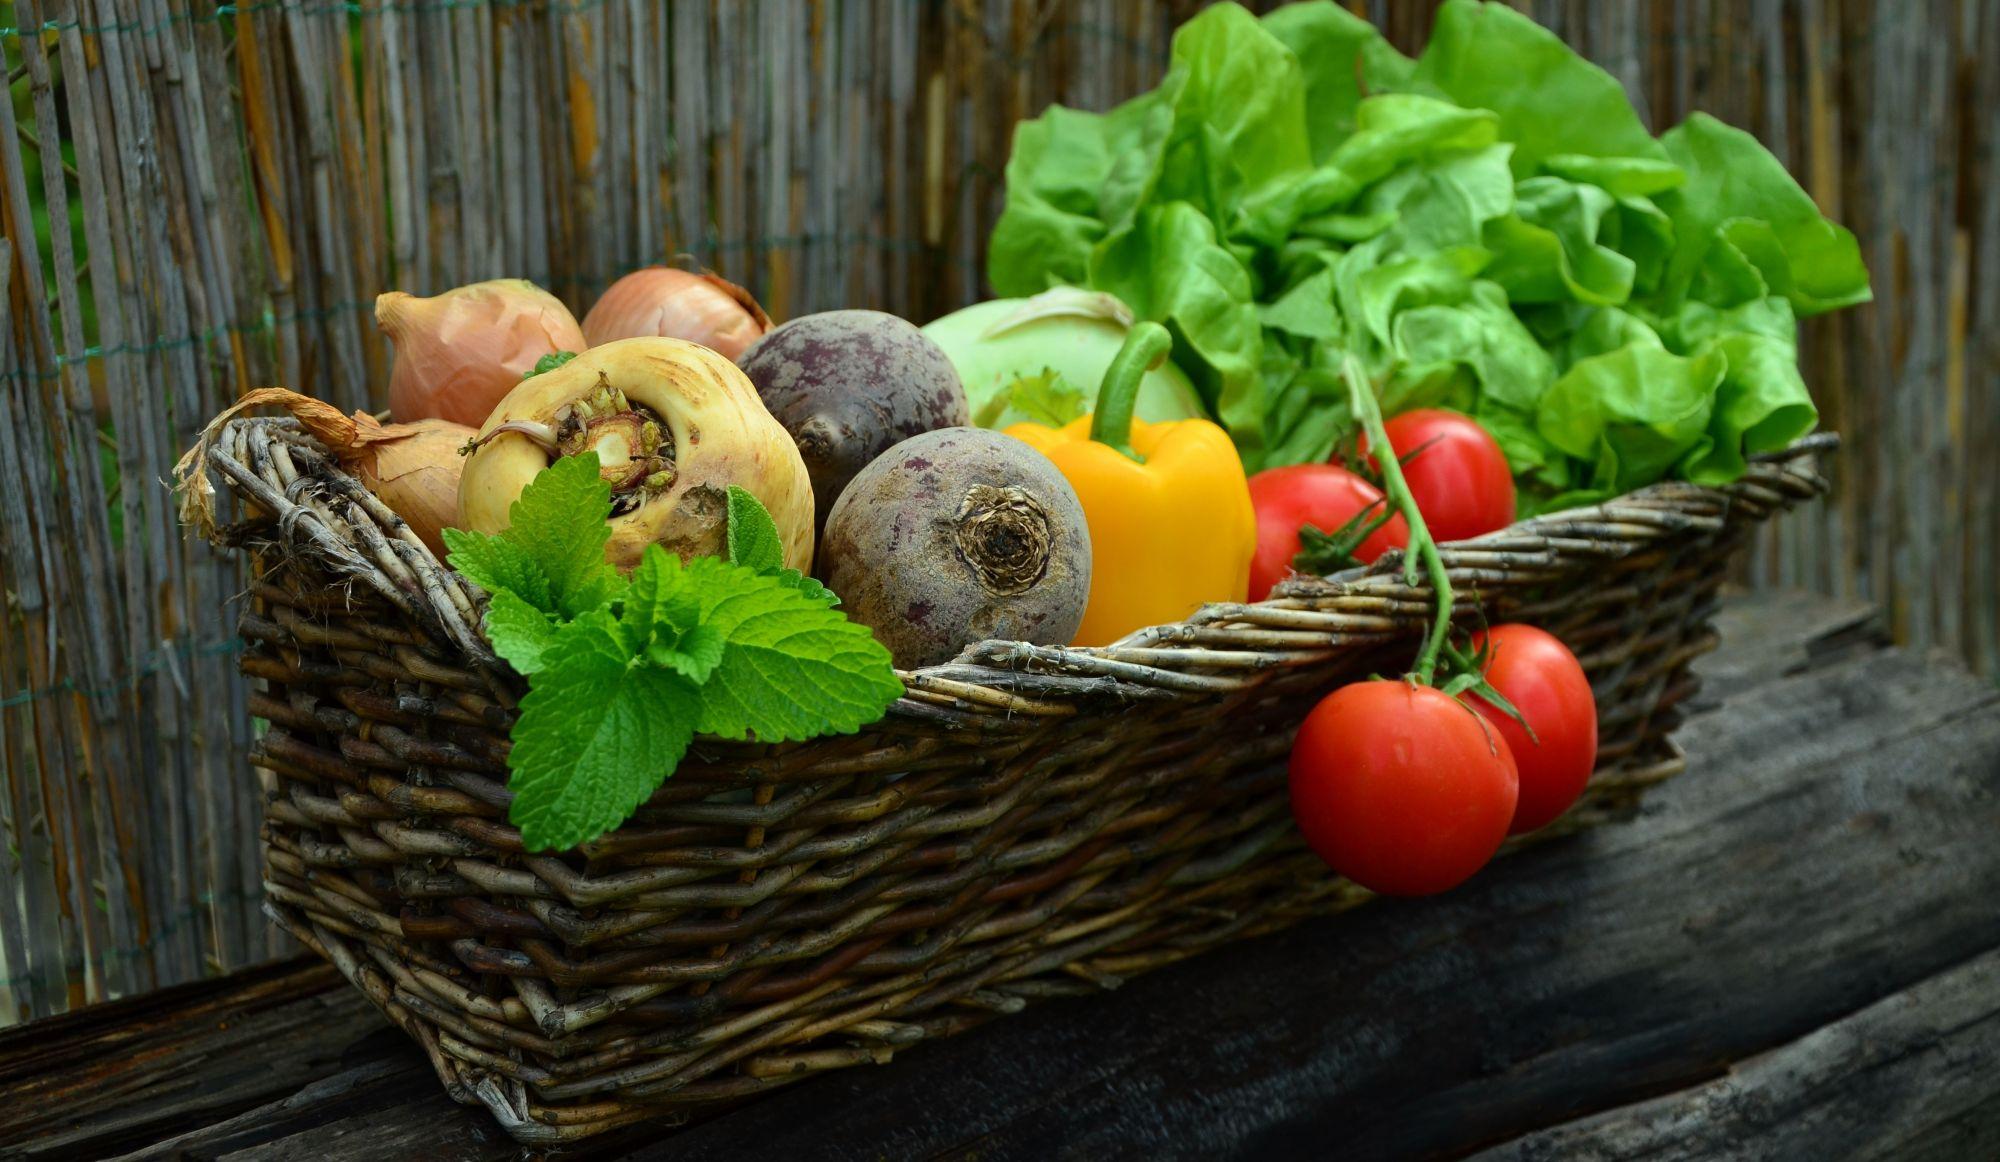 Manger bio, concrètement, pourquoi c'est mieux?